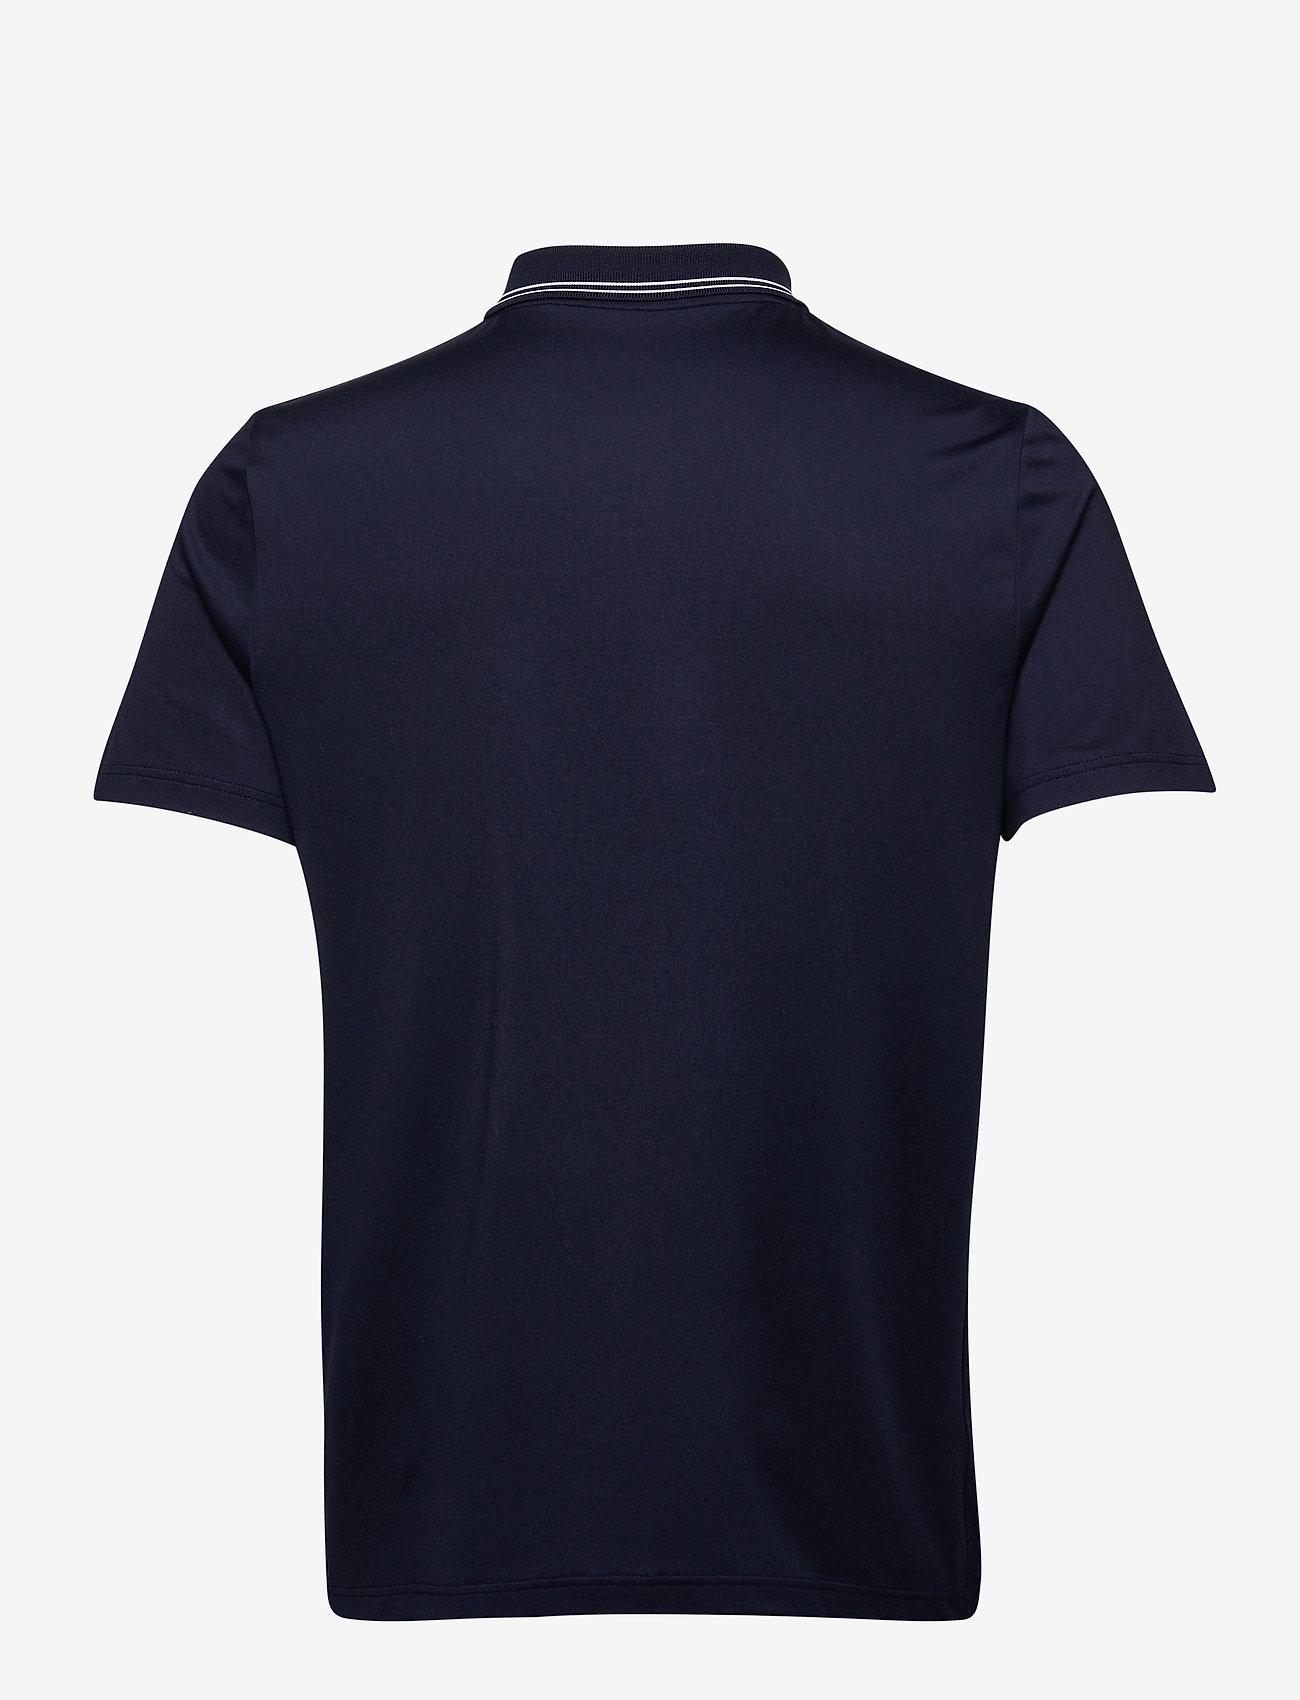 Lacoste - Men s S/S polo - kortærmede - navy blue/navy blue-white - 1